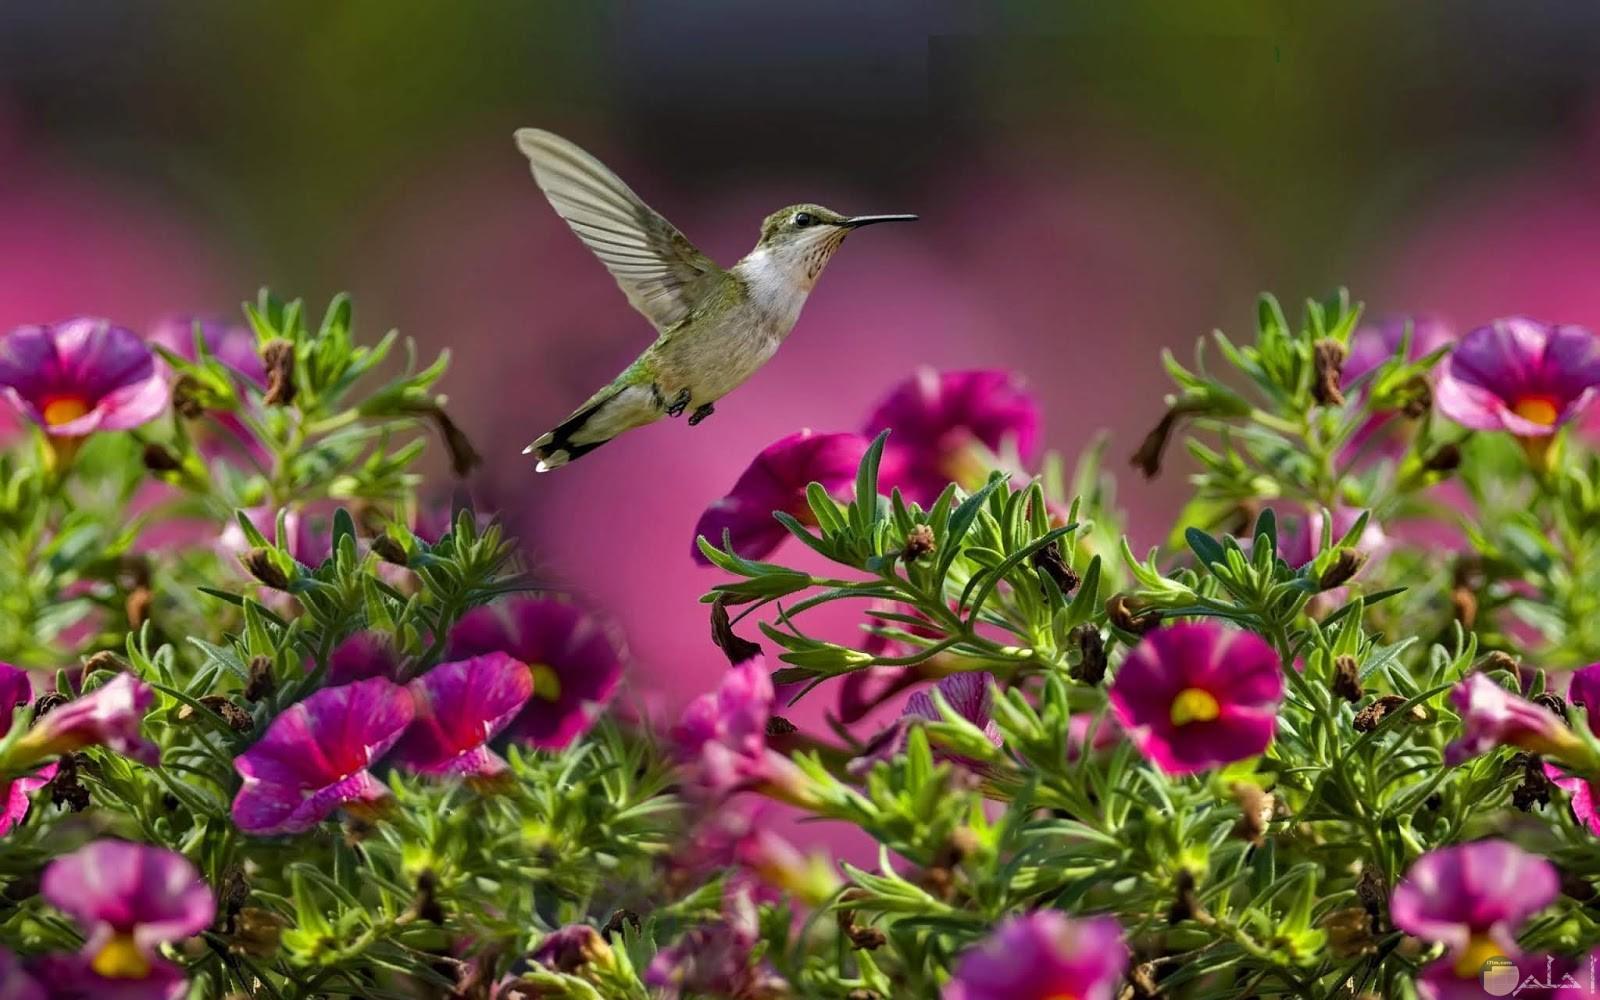 ورود بمبي و بينك مع طائر صغير جميل، من أجمل المناظر الطبيعية.